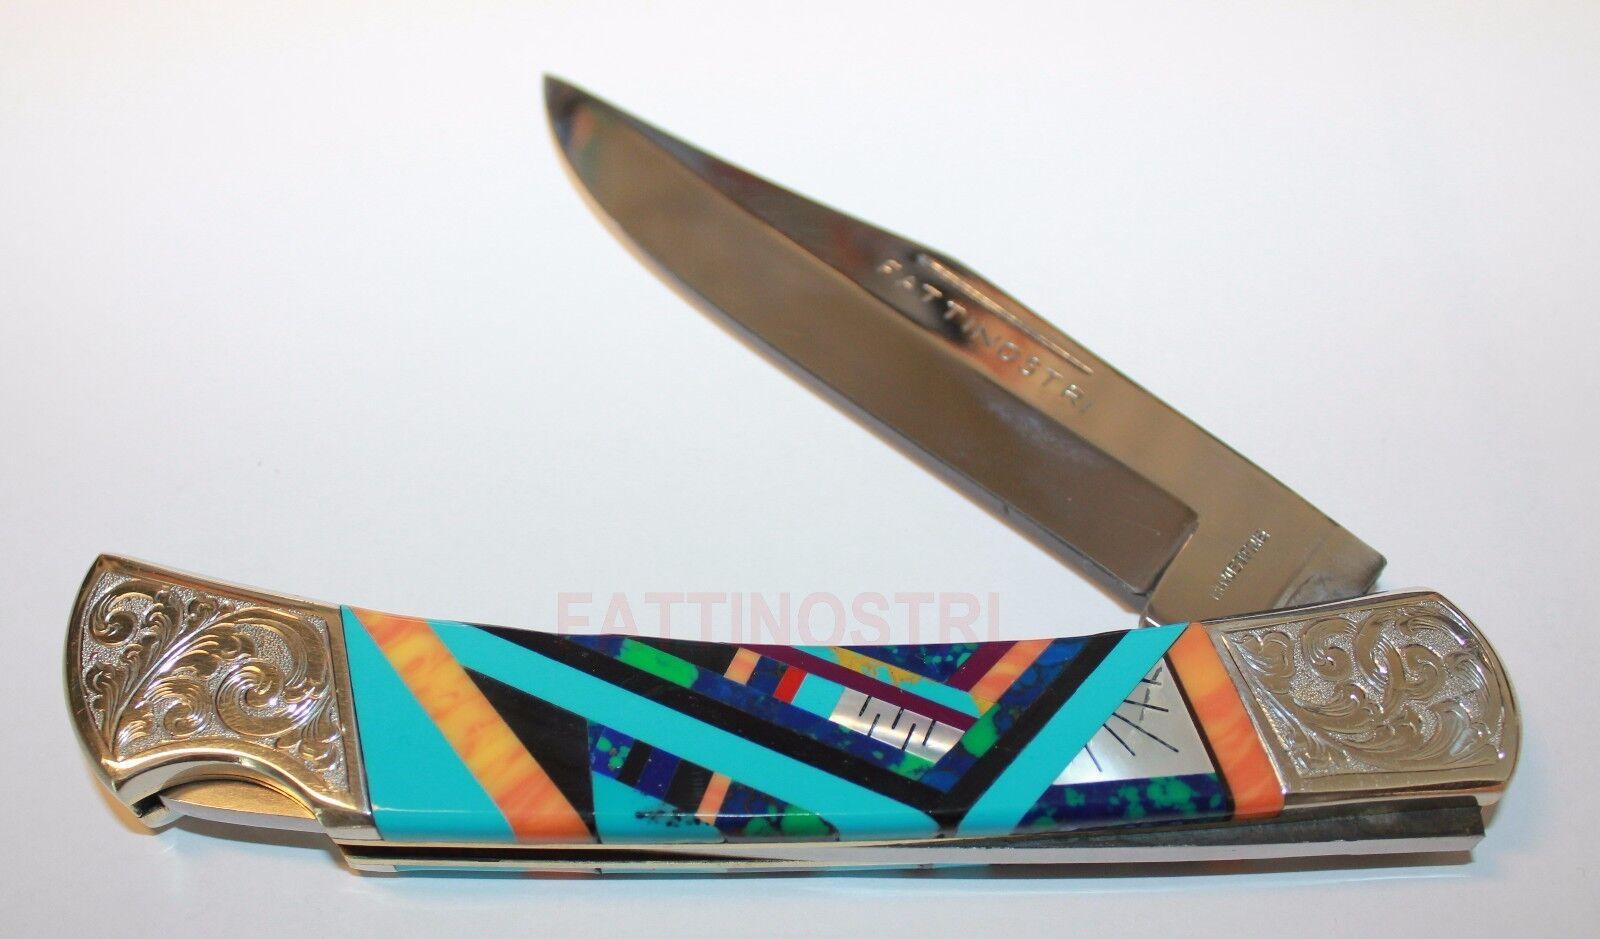 Gioielli INDIANI coltello a serramanico coltello intarsio Turchese Gioielli Gioielli Gioielli Biker 7c1373